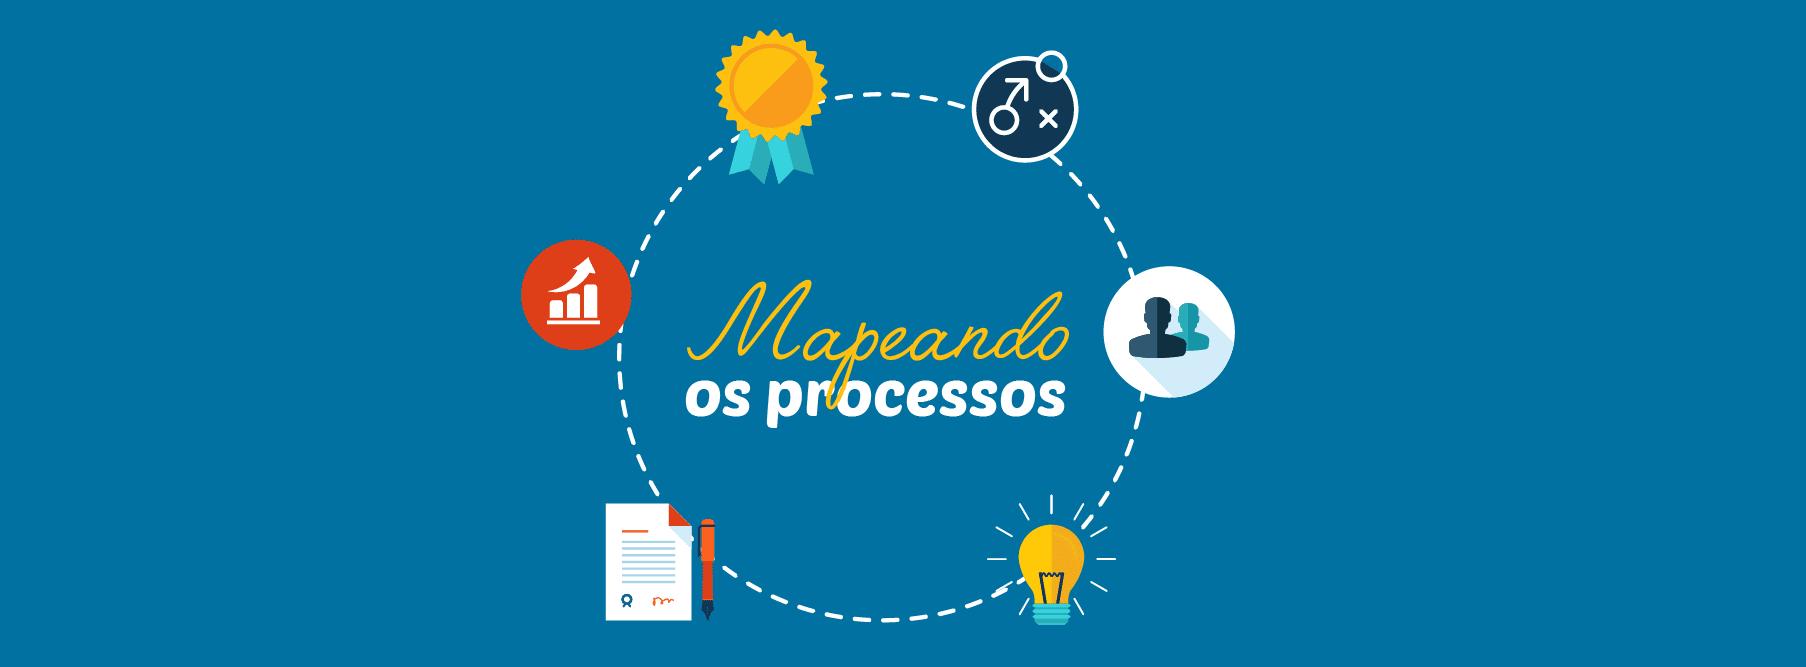 Mapeamento de Processos: 5 passos